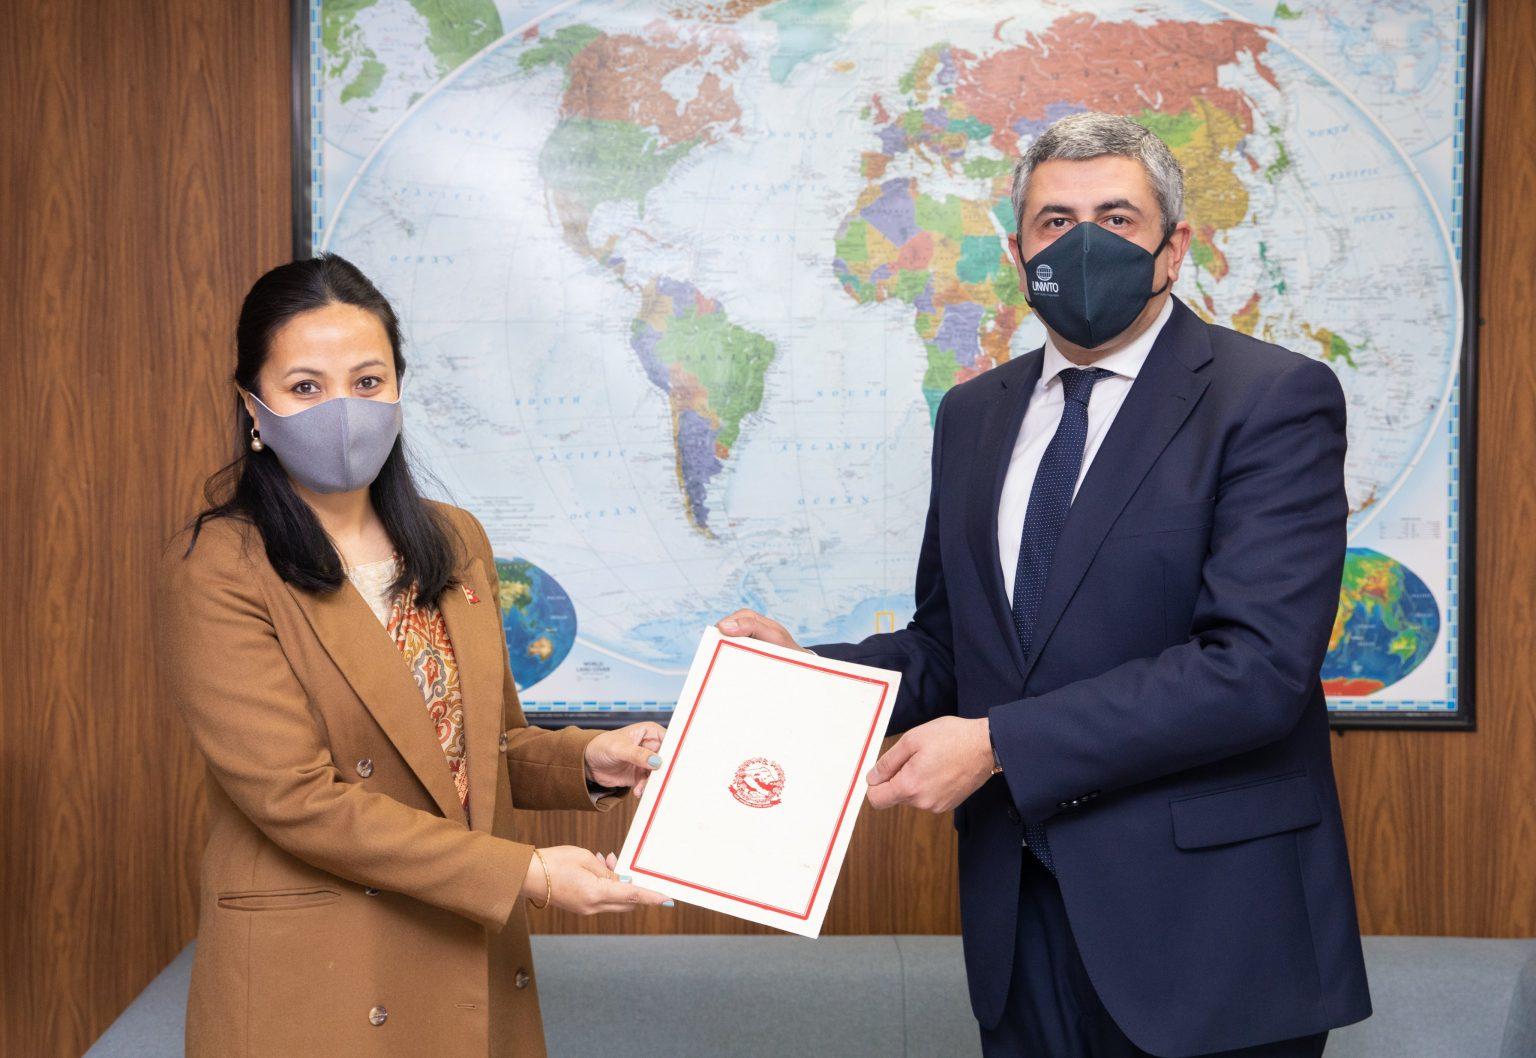 स्पेनका लागि नेपाली राजदूत शेर्पाले बुझाइन् ओहोदाको प्रमाण पत्र